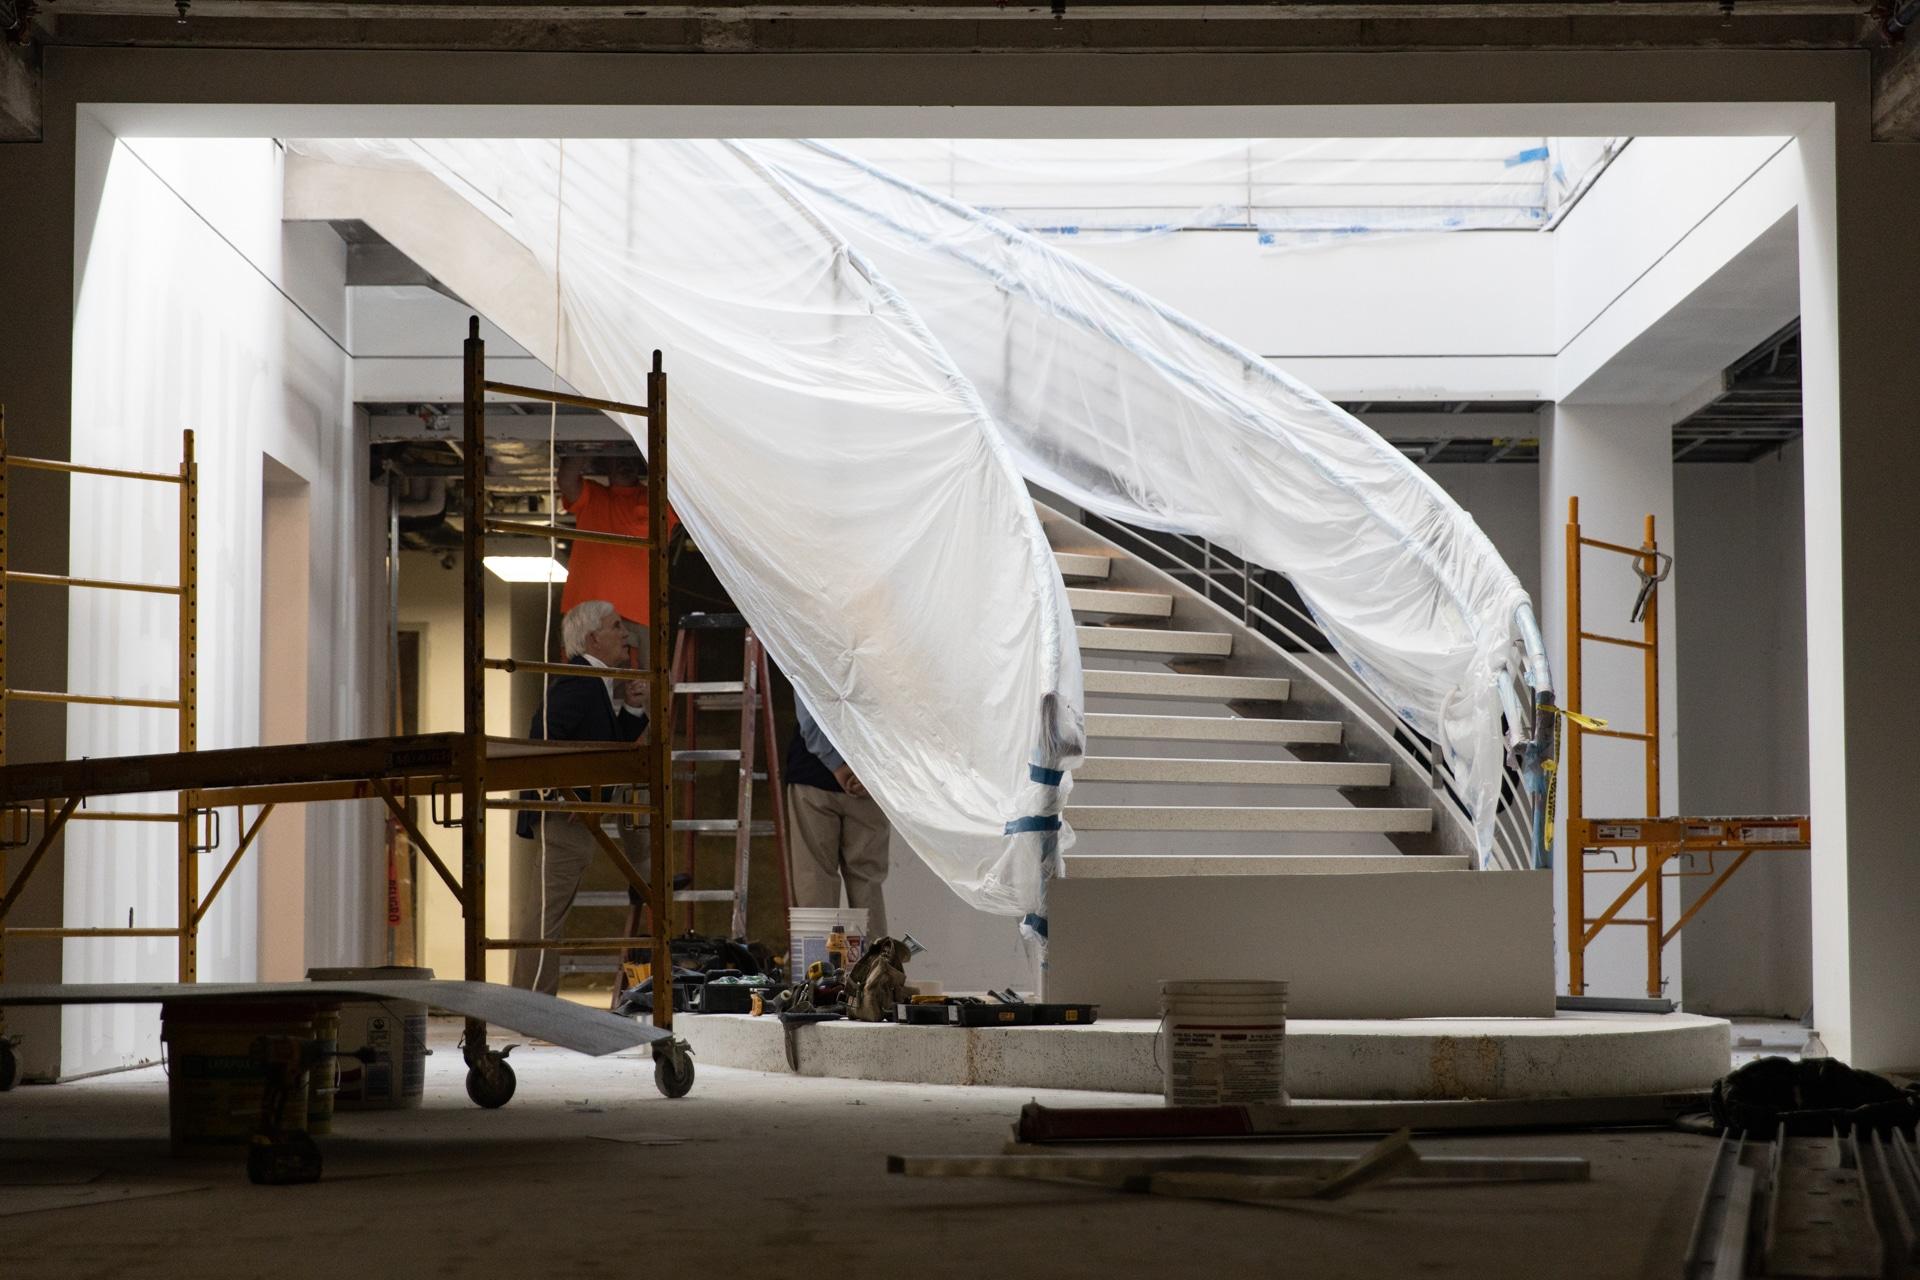 la escalera del el edificio del Galgo